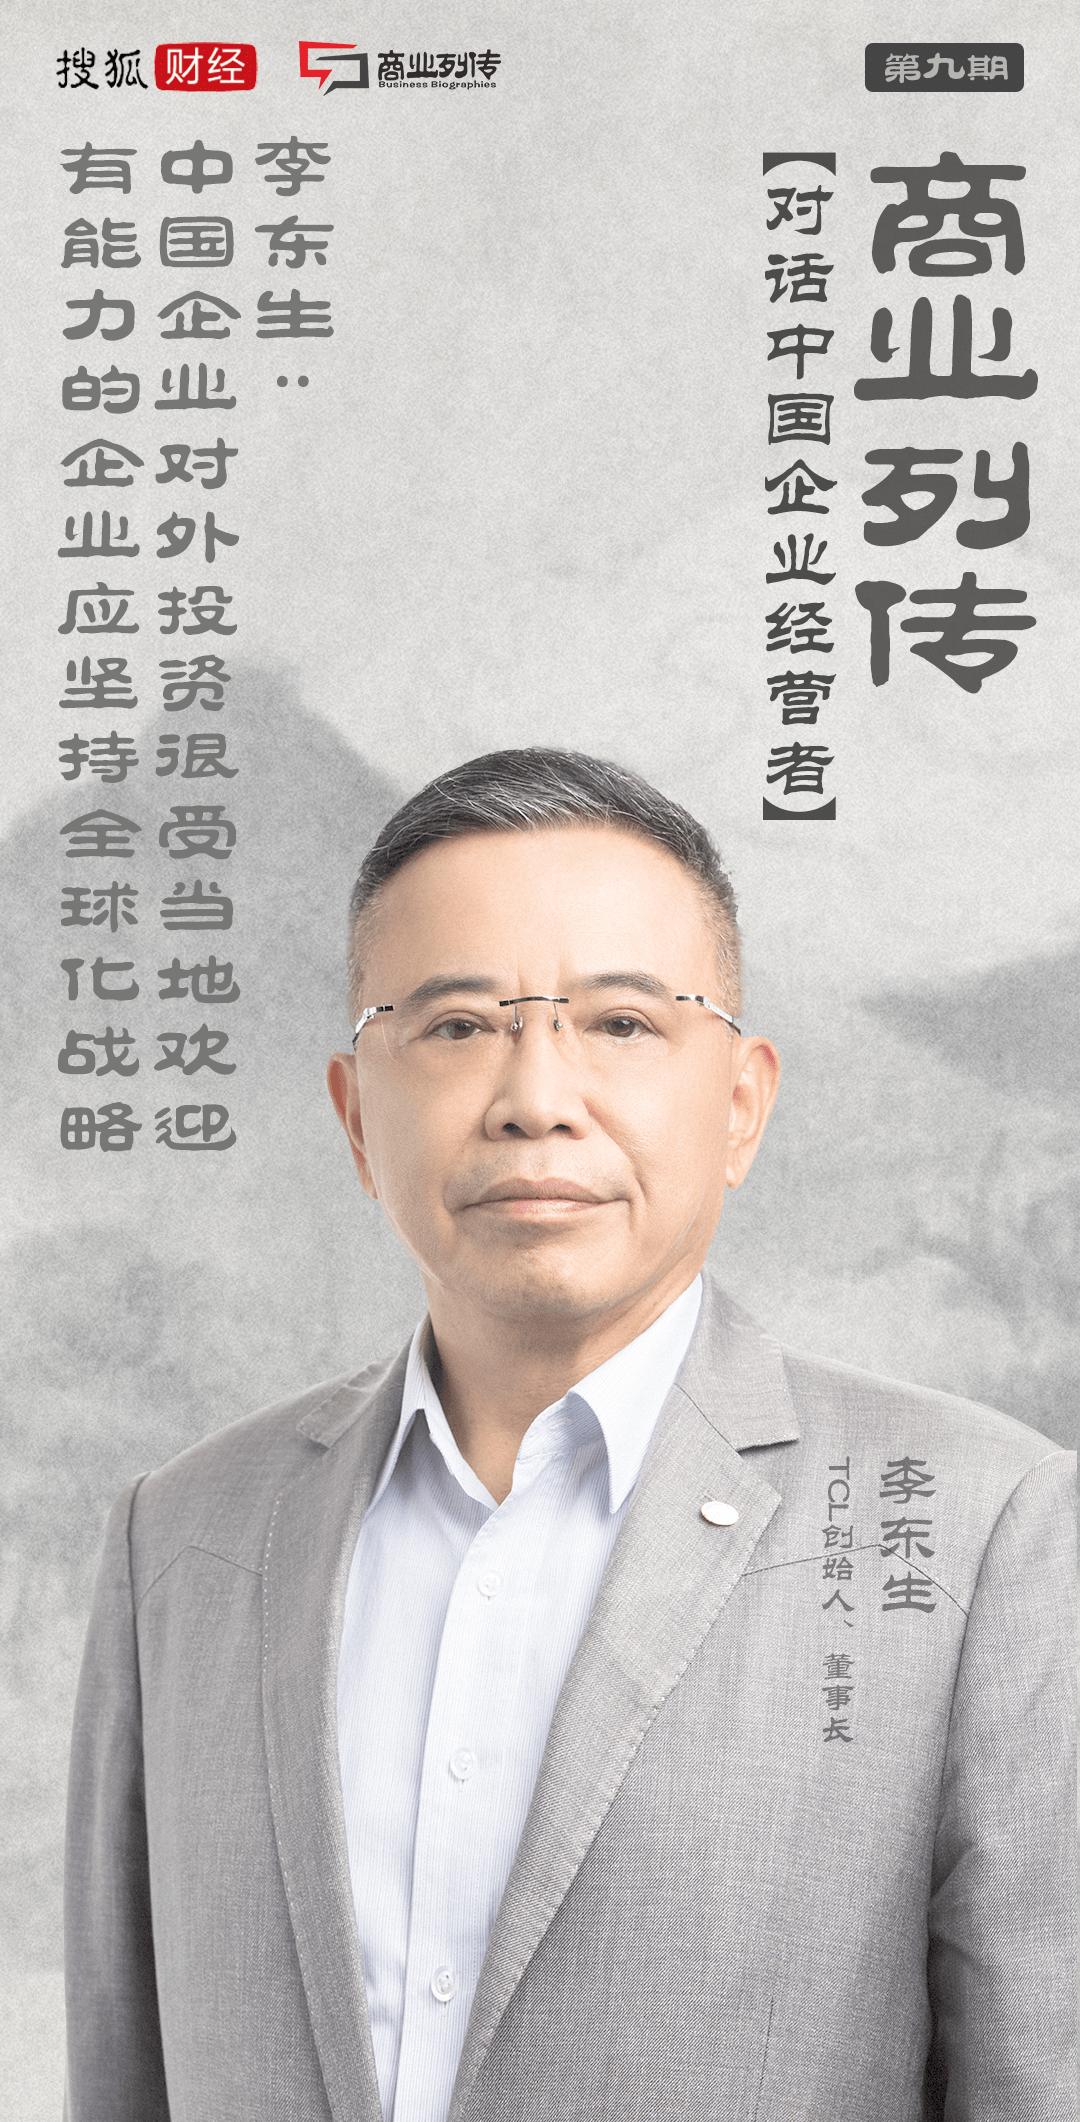 原对话李东生:中国企业的对外投资在当地很受欢迎,有能力的企业应该坚持全球化战略